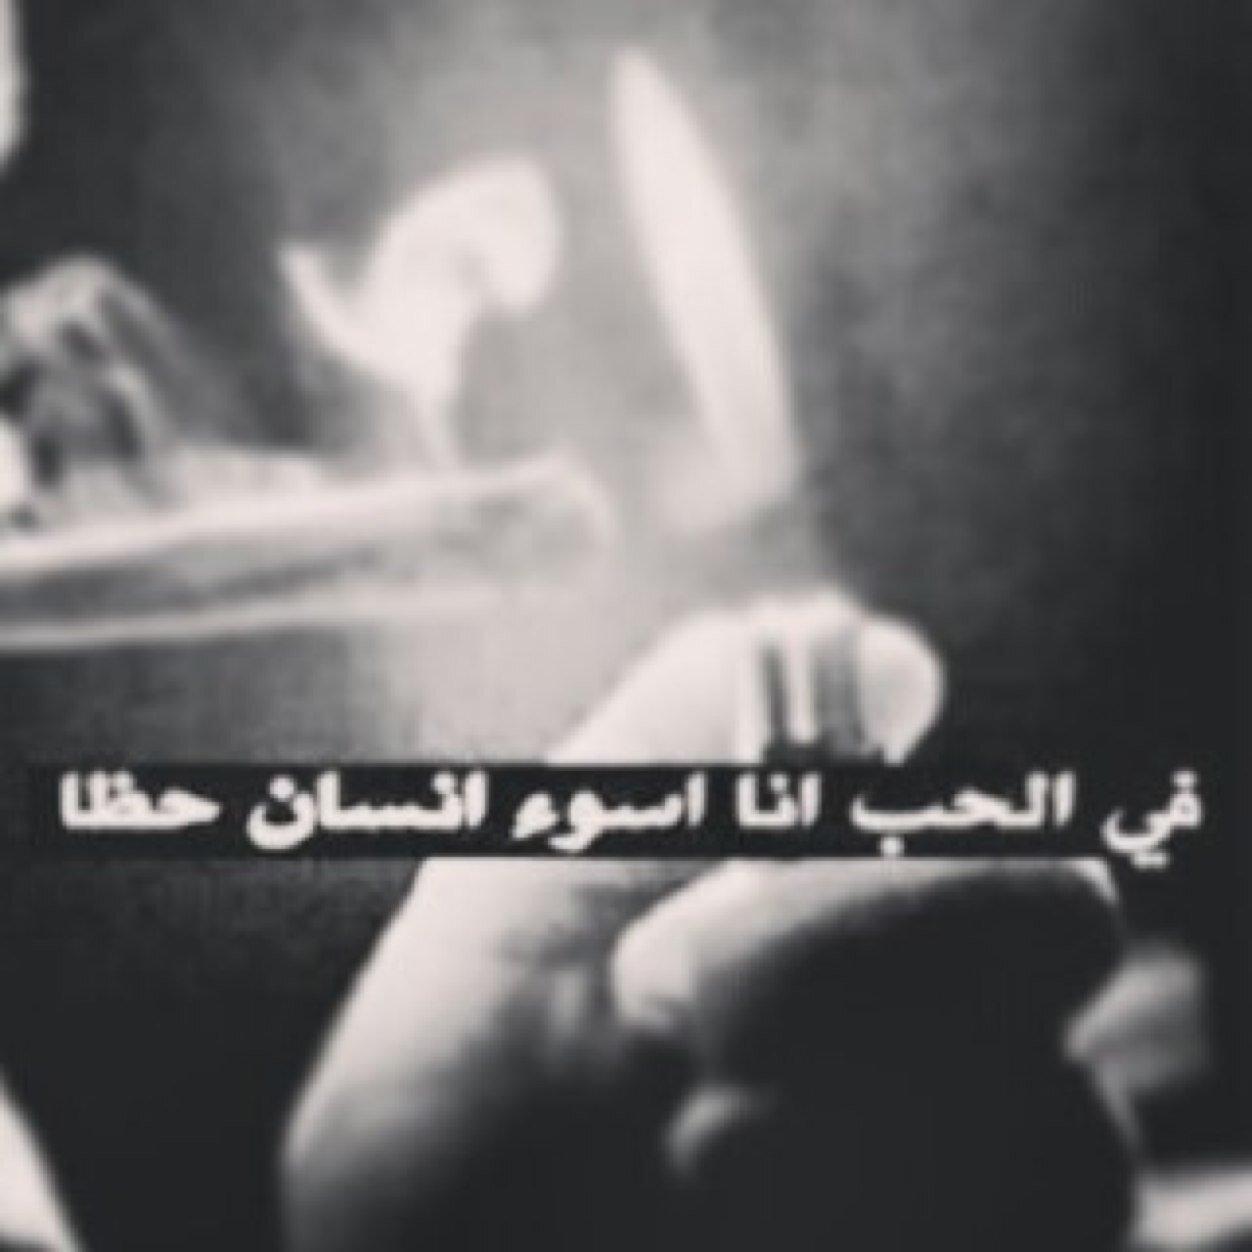 صورة صور فراق حزينه , الفراق حزن دفين في اعماق القلب